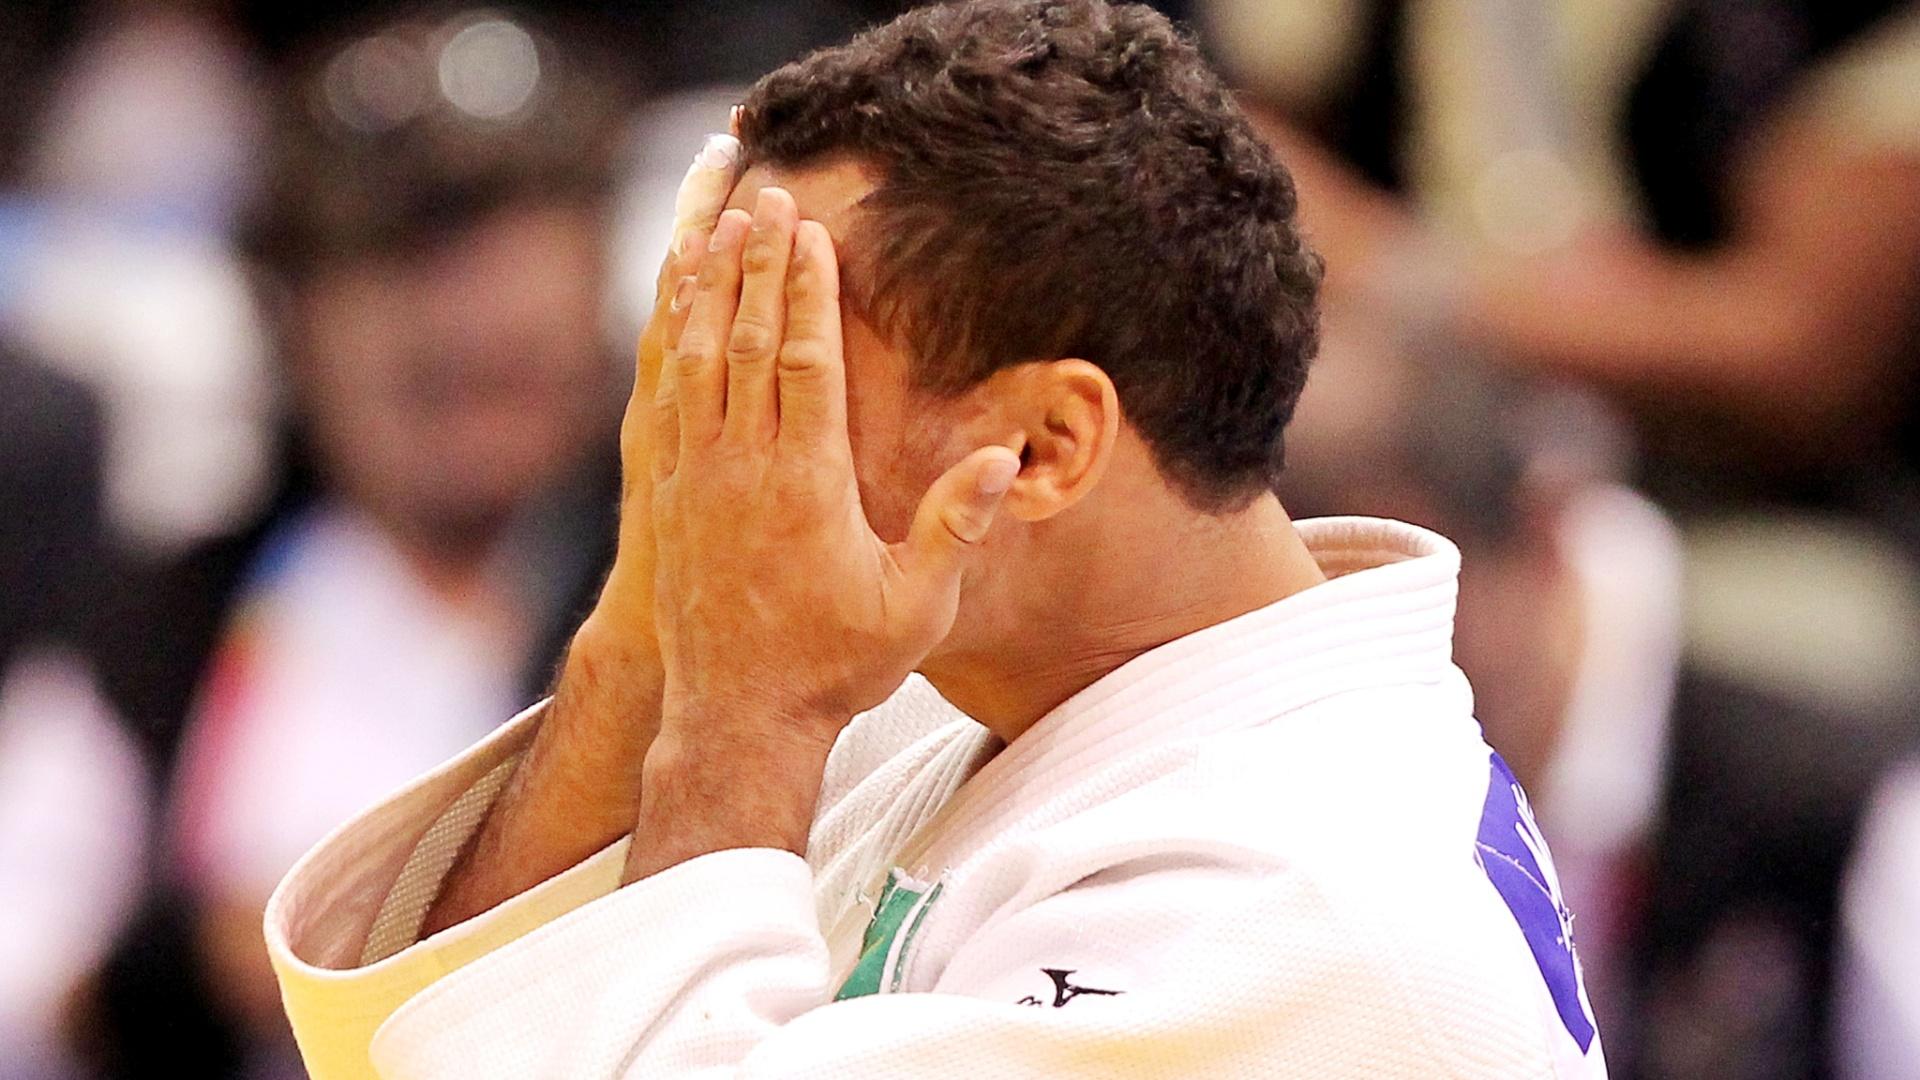 Bruno Mendonça coloca as mãos no rosto após confirmar ouro no Pan com ippon em 20 segundos (28/10/2011)